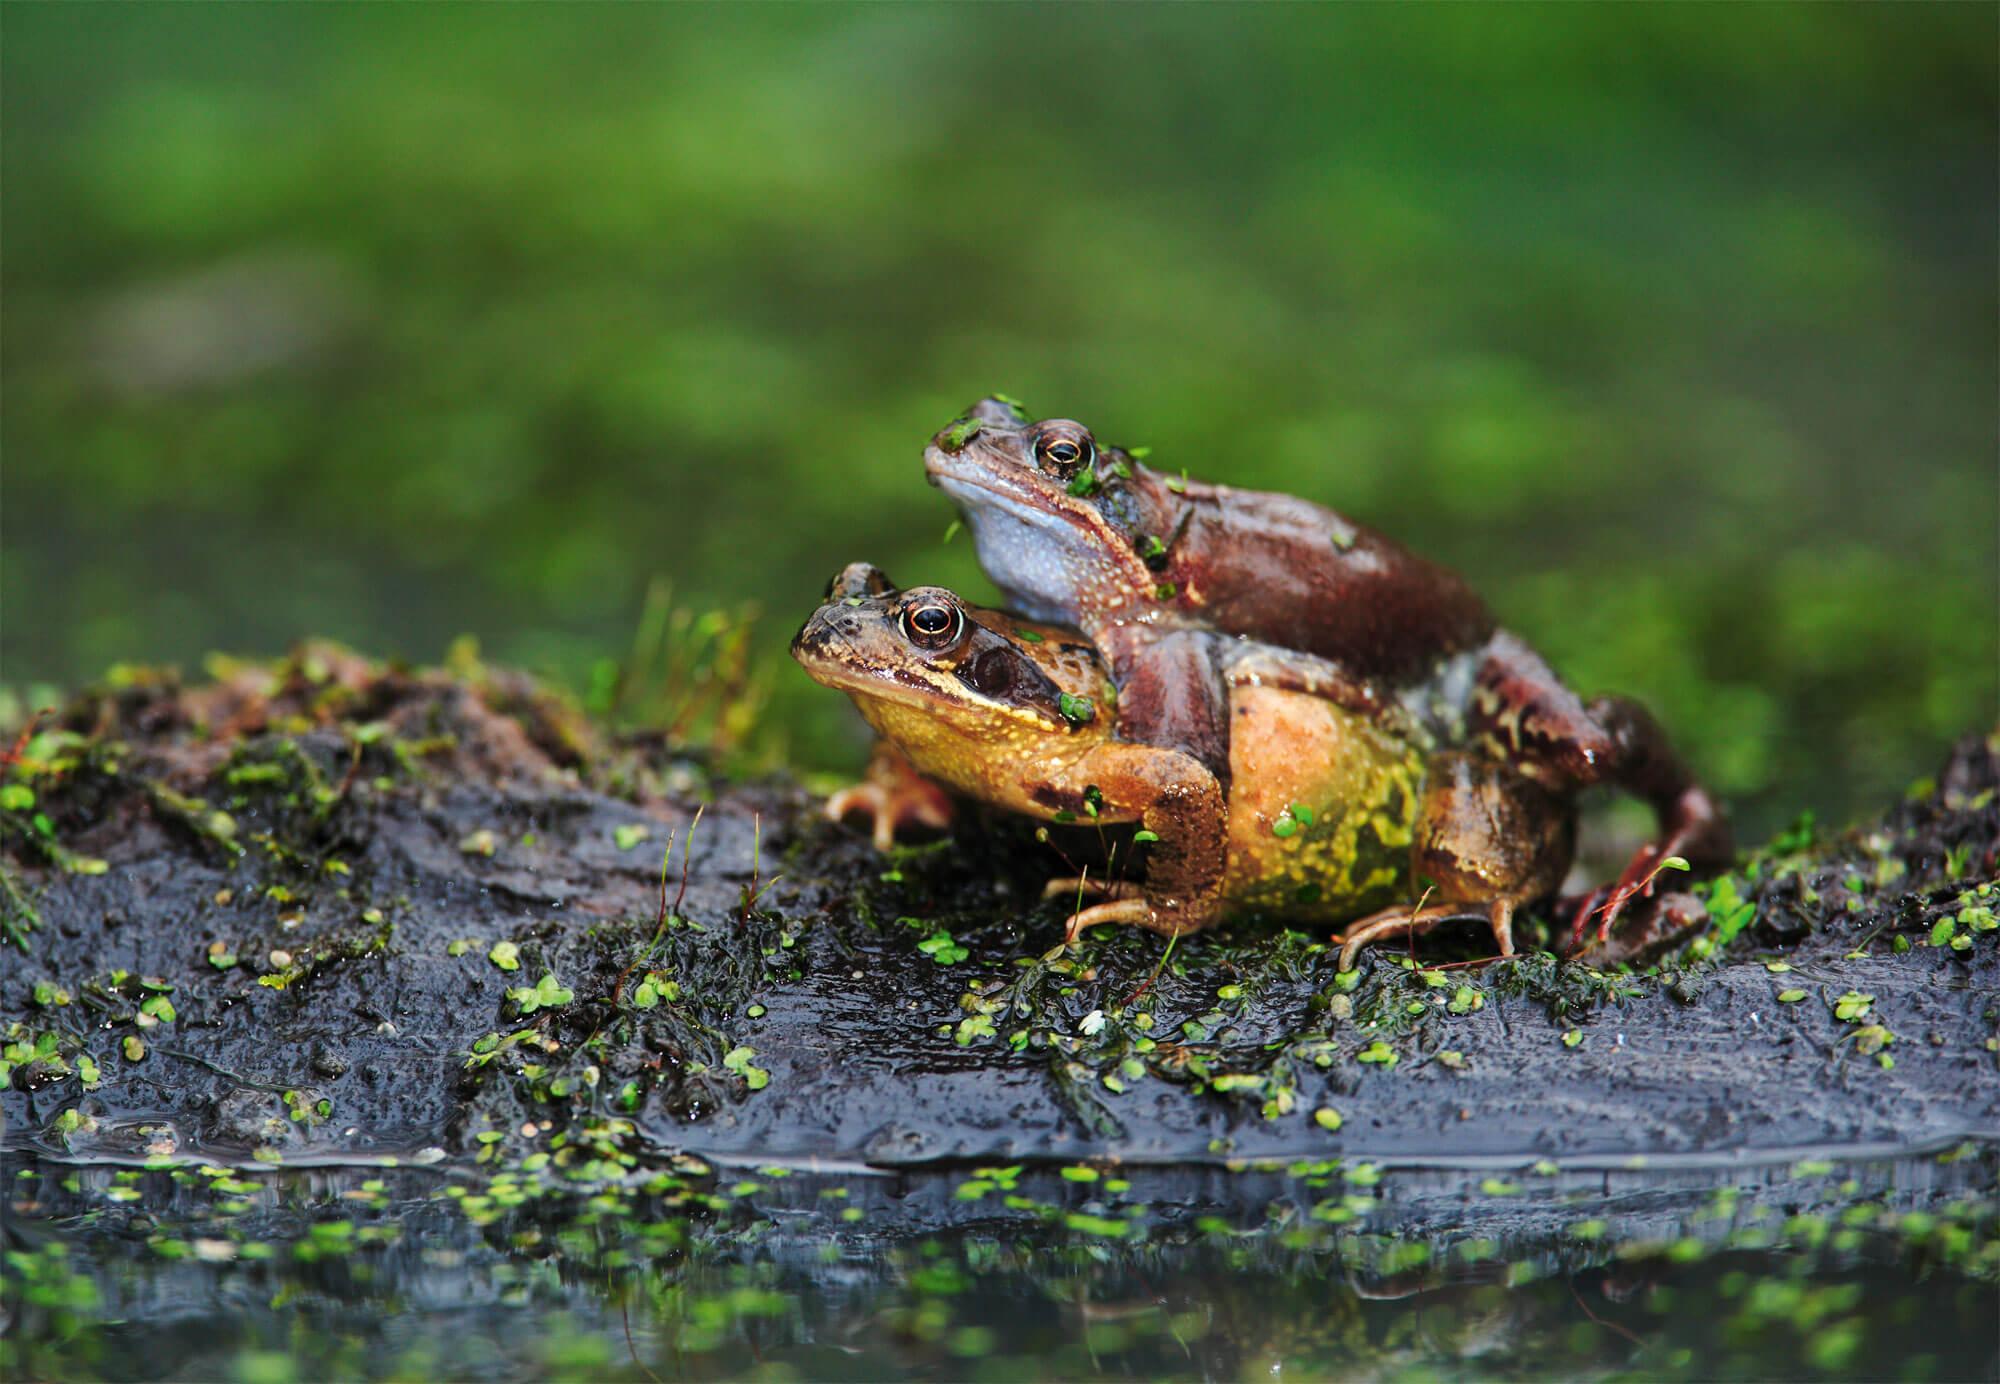 Déroute sur la route pour les grenouilles - La Salamandre mâles Couple de grenouilles rousses